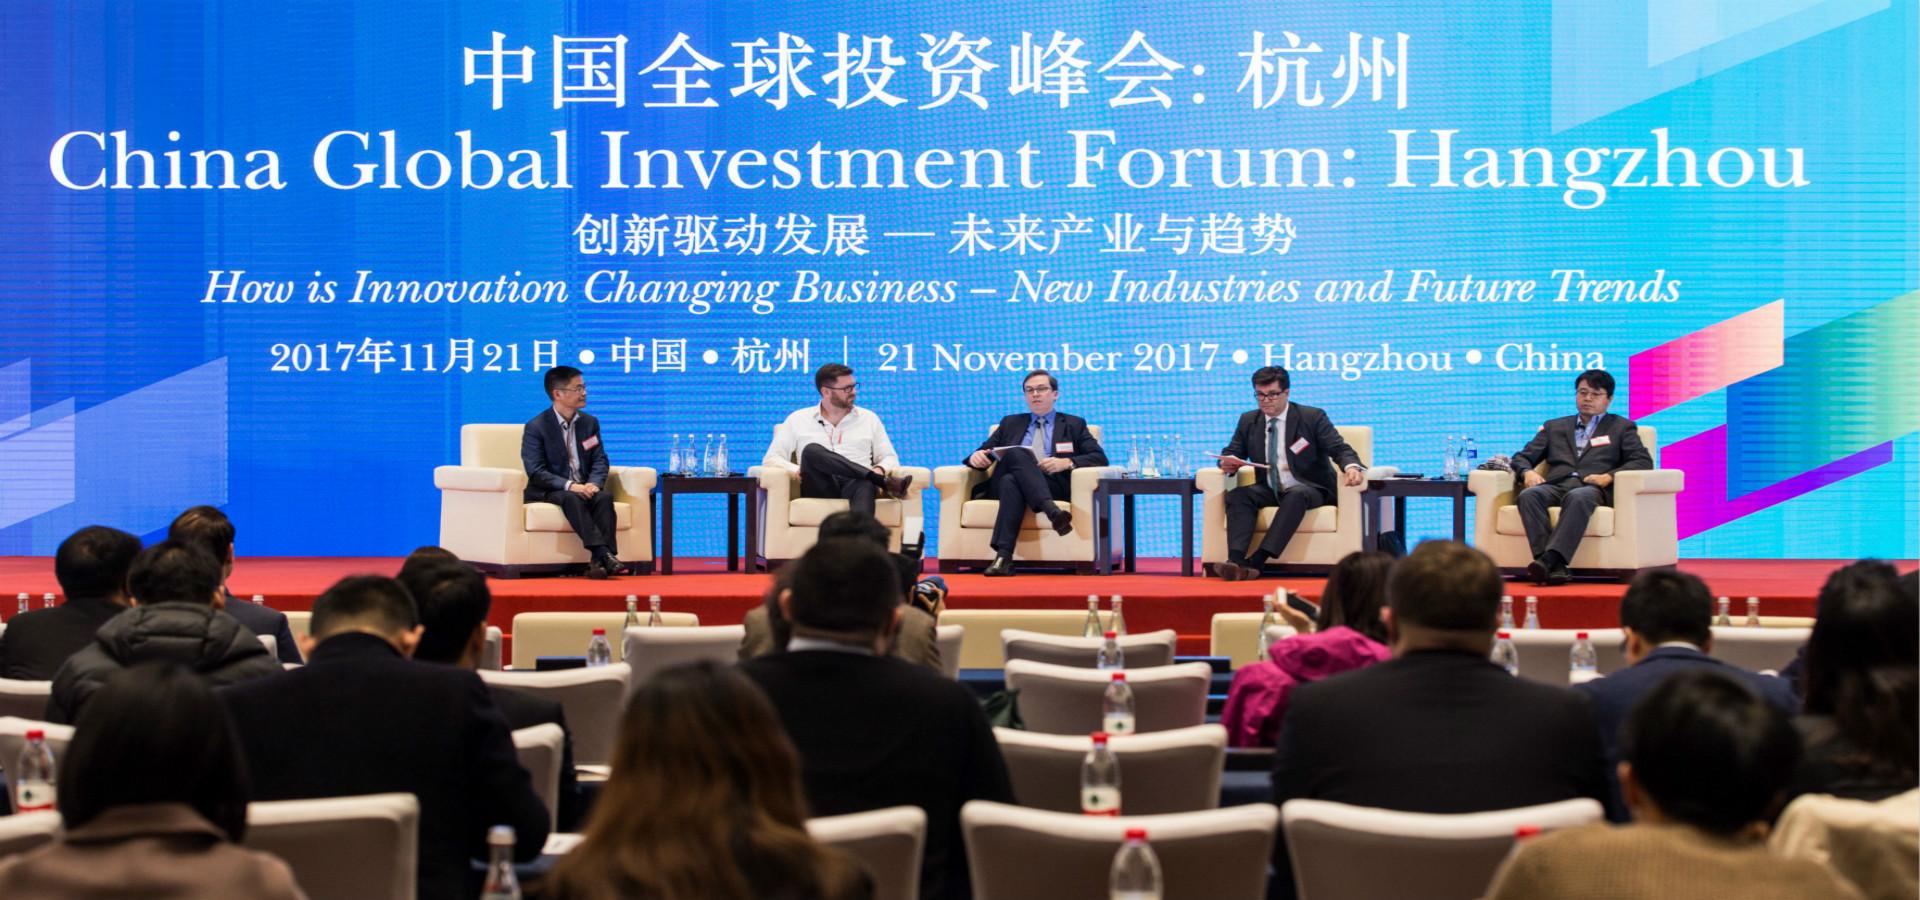 創新驅動發展——未來産業與趨勢專題討論二:投資創新